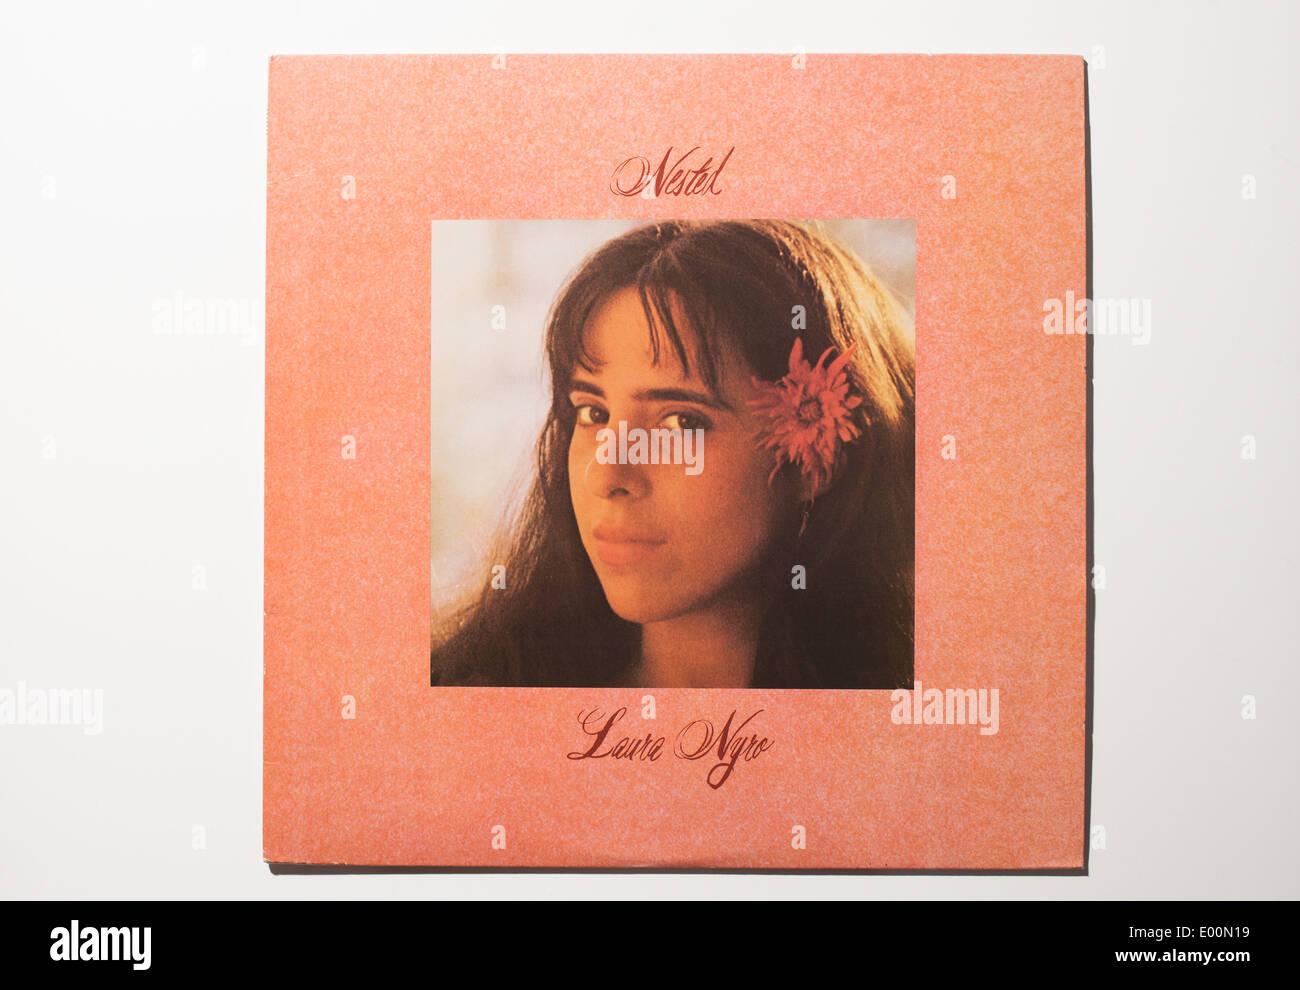 Pop Band Album Cover Stock Photos & Pop Band Album Cover